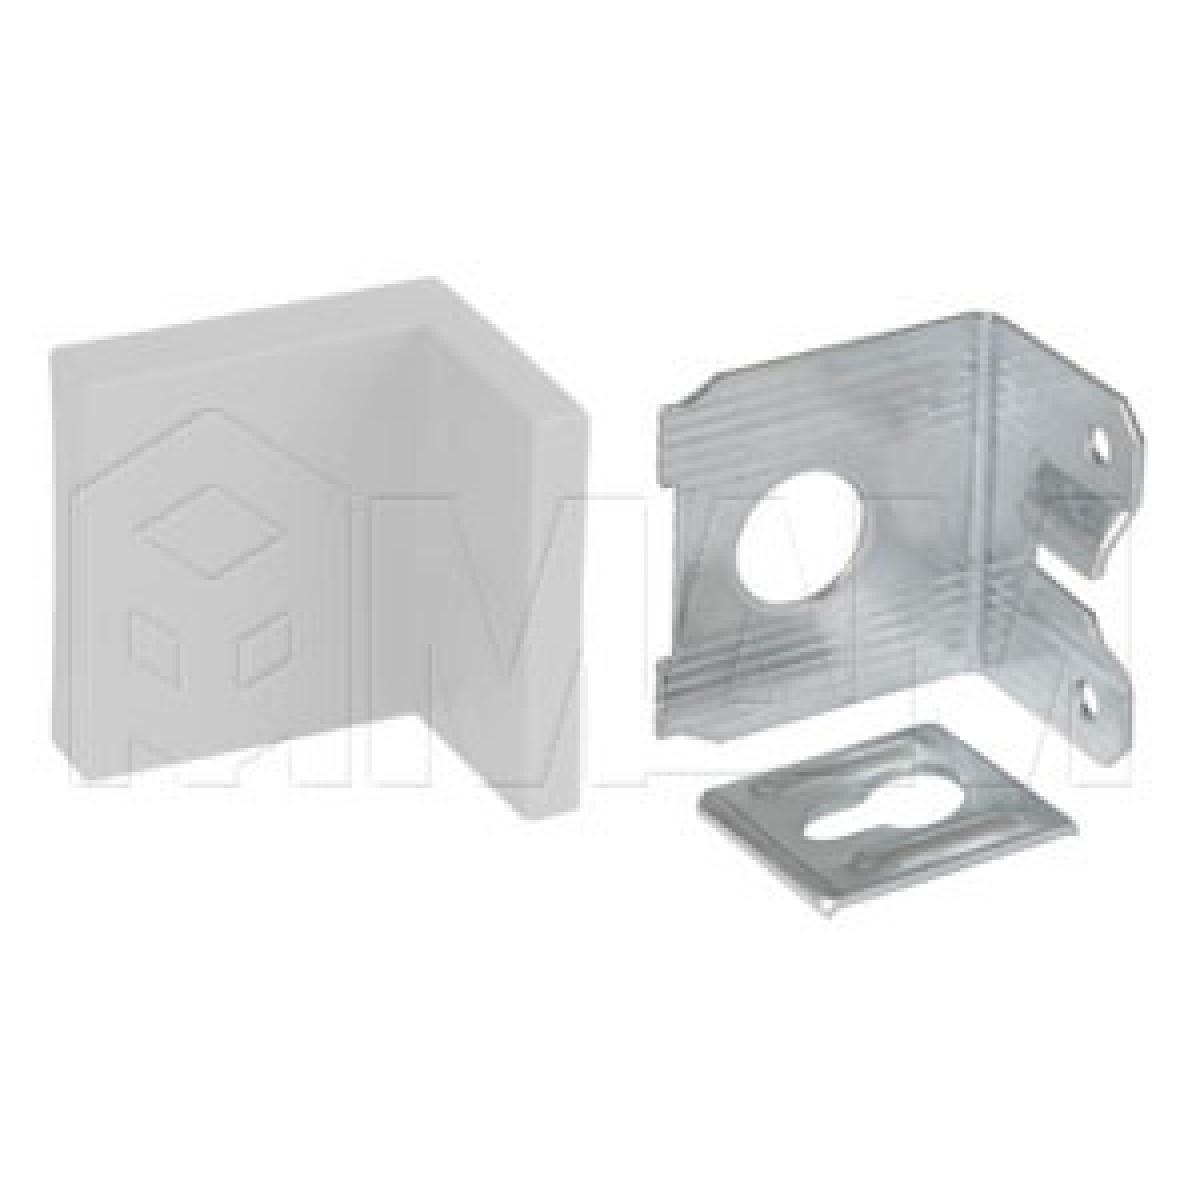 Мебельный навес универсальный, металл, белая пластиковая заглушка, 15 кг